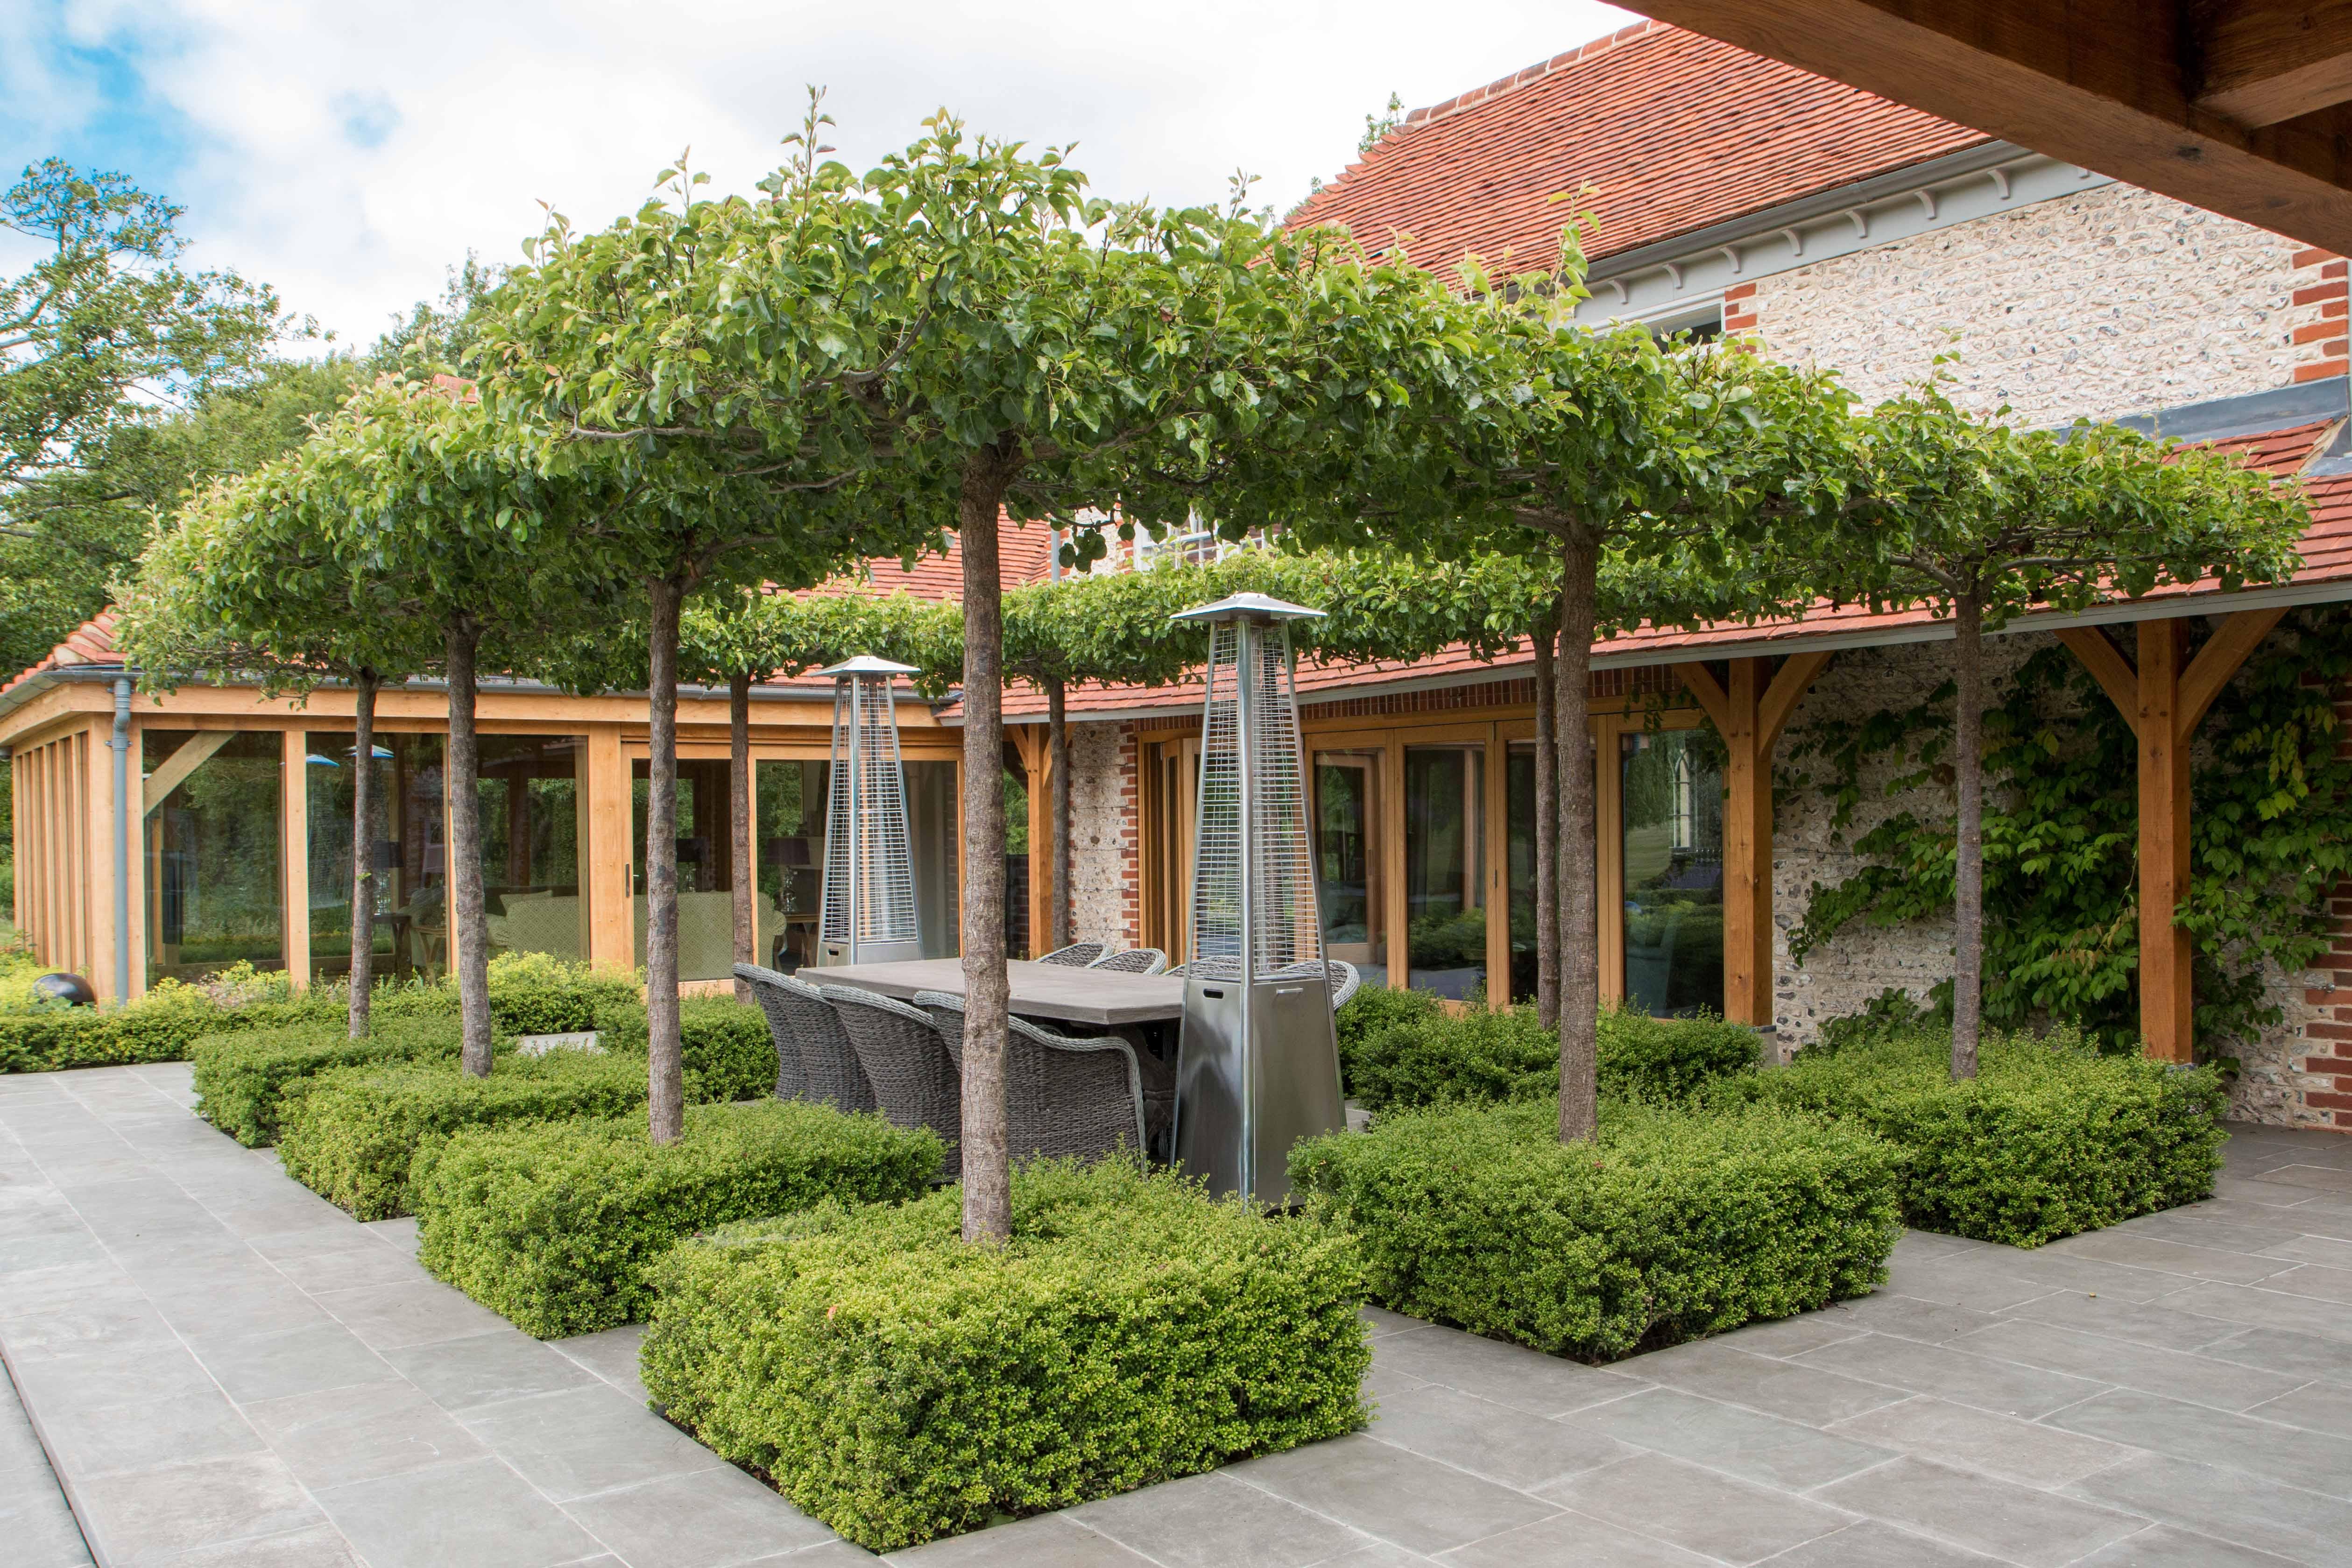 Arlesford Garden-5471 - PC Landscapes